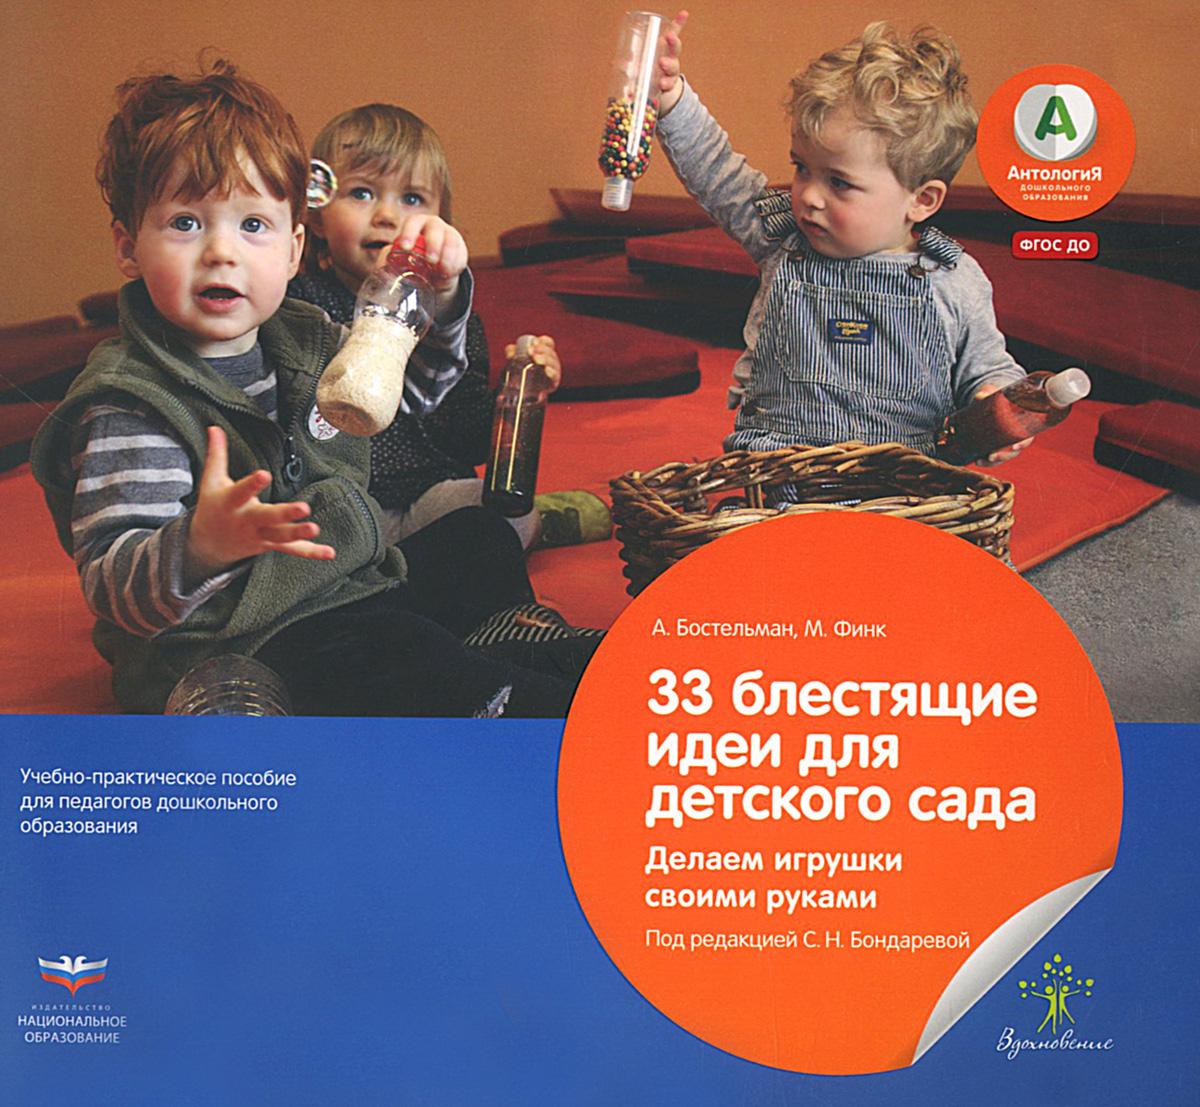 33 блестящие идеи для детского сада. Делаем игрушки своими руками12296407Пустые пластиковые бутылочки и картонные коробки из-под обуви, банки из-под кофе, ненужные CD и контейнеры из-под ягод и овощей - для большинства взрослых это не что иное, как мусор. Но только не для детей раннего возраста! Для малышей все эти предметы - настоящее сокровище. Во-первых, потому что ими когда-то пользовались взрослые. А во-вторых, эти вещи таят в себе множество тайн, которые так хочется исследовать. Притяжение этого бросового материала настолько велико, что дети в первые три года жизни именно ему отдают предпочтение в своих играх, забывая о куклах, кубиках и машинках. Благодаря творческому подходу педагогов к образовательному процессу в группе ДОО отслужившая свое упаковка превращается в неспецифический развивающий материал: к примеру, пластиковая бутылочка может стать как погремушкой, так и подводной лодкой, что, безусловно, способствует всестороннему развитию детей. Издание предназначено для руководителей дошкольных образовательных...